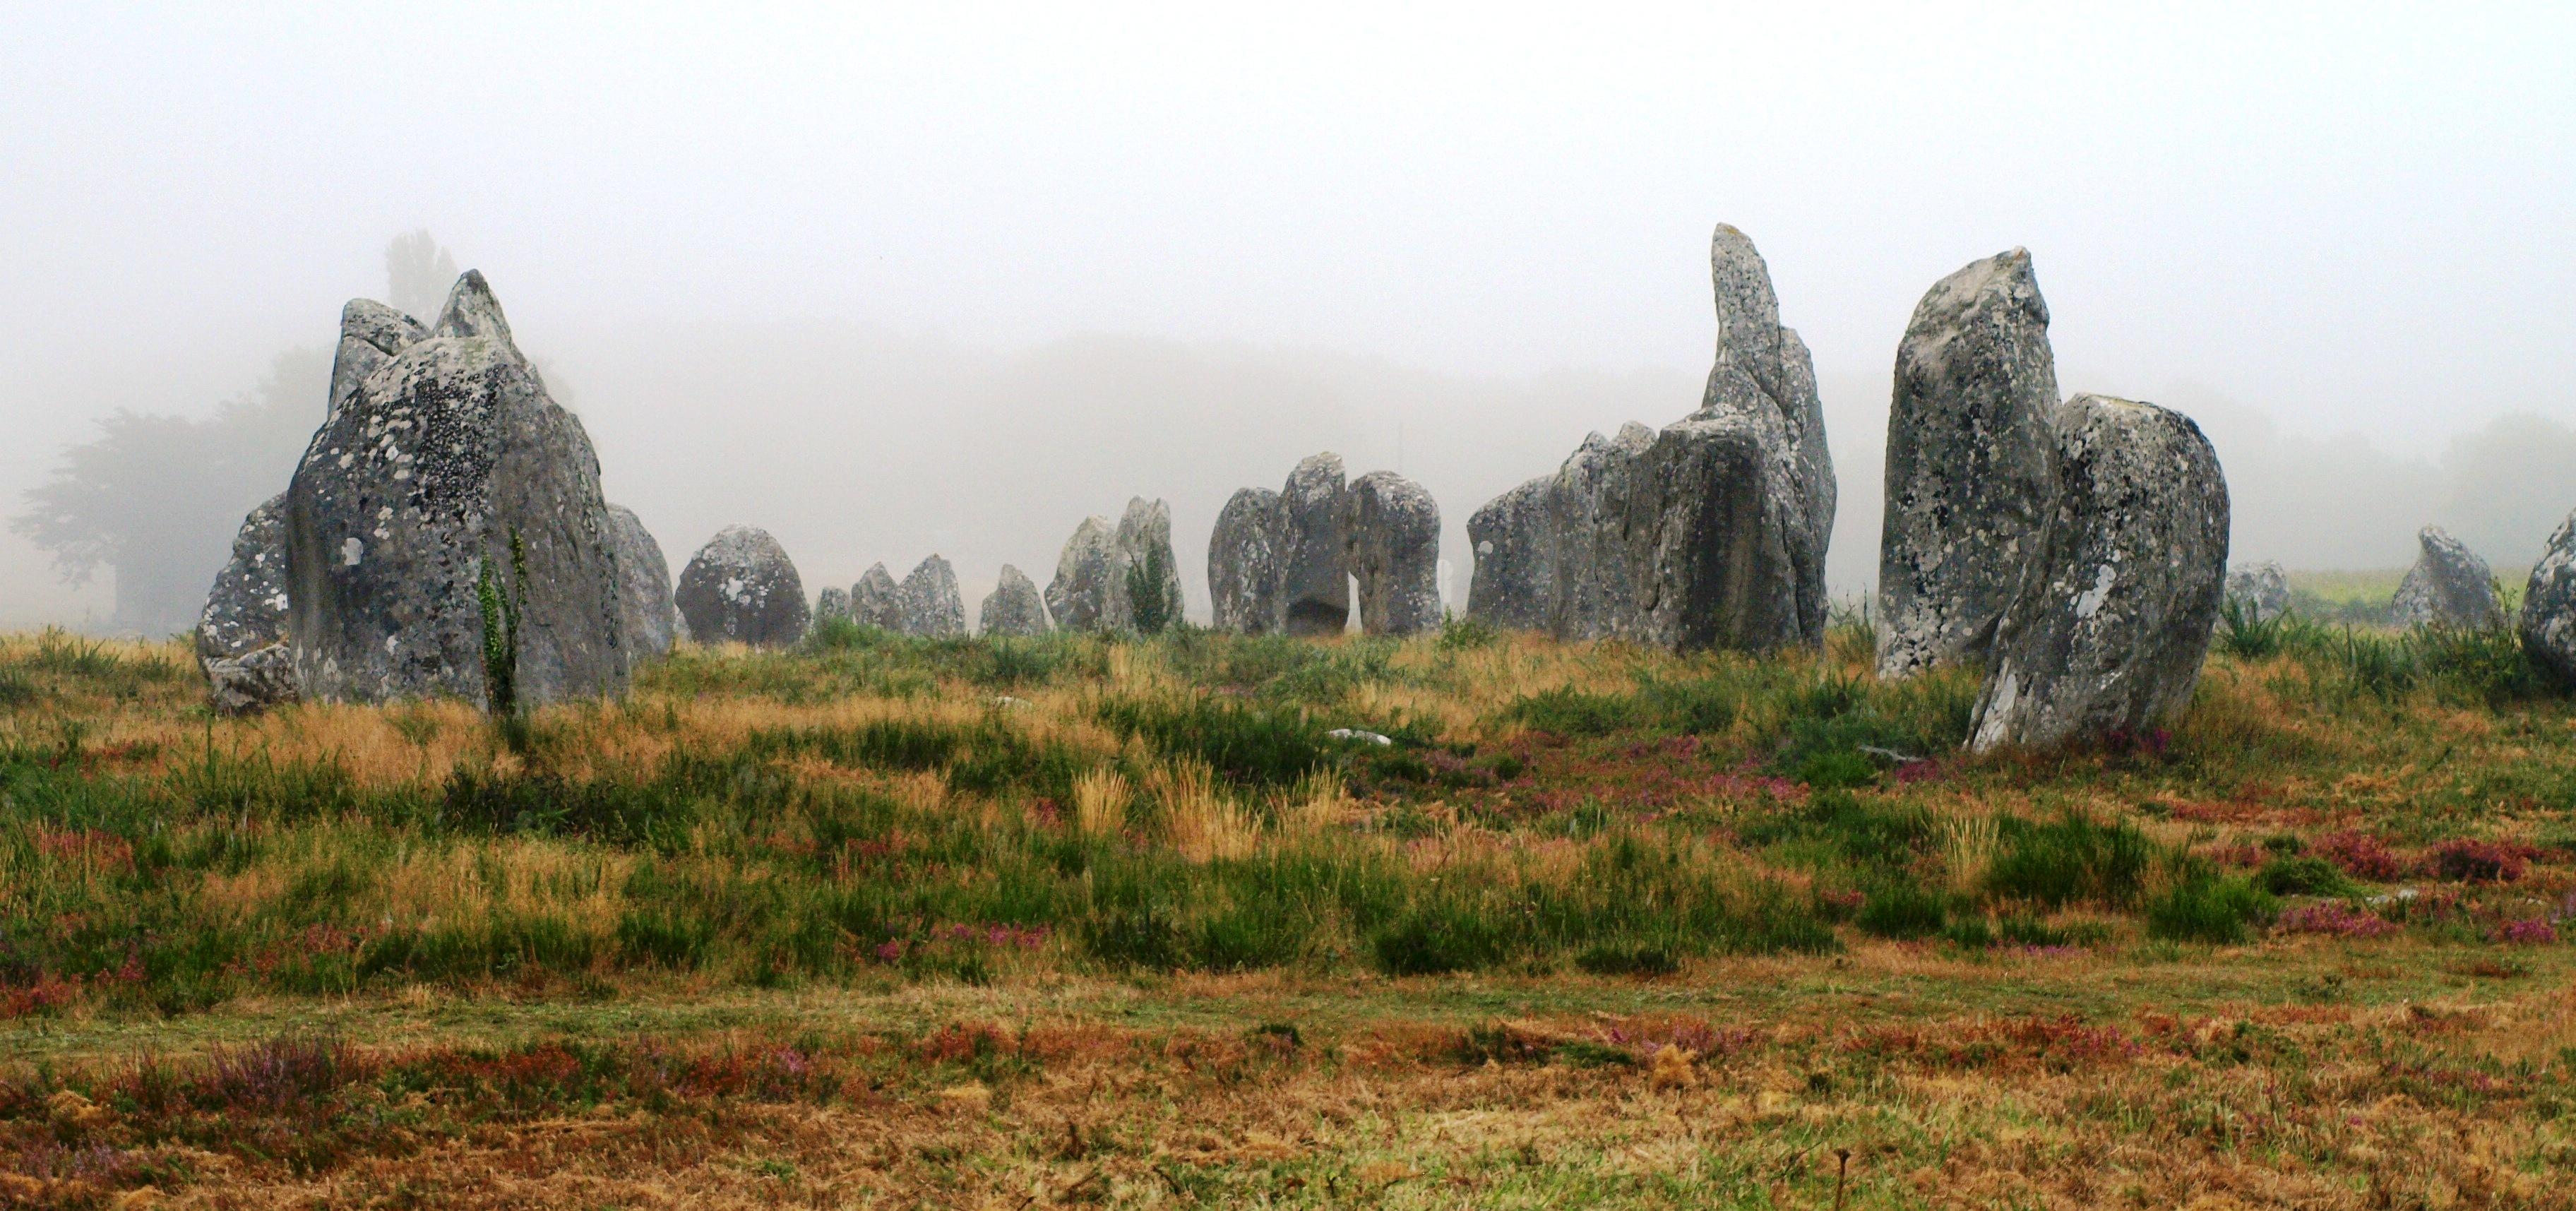 Francie - Bretaň - Carnac, pole Kermario, velikost některých menhirů přesahuje 3 metry, celkem 1029 menhirů